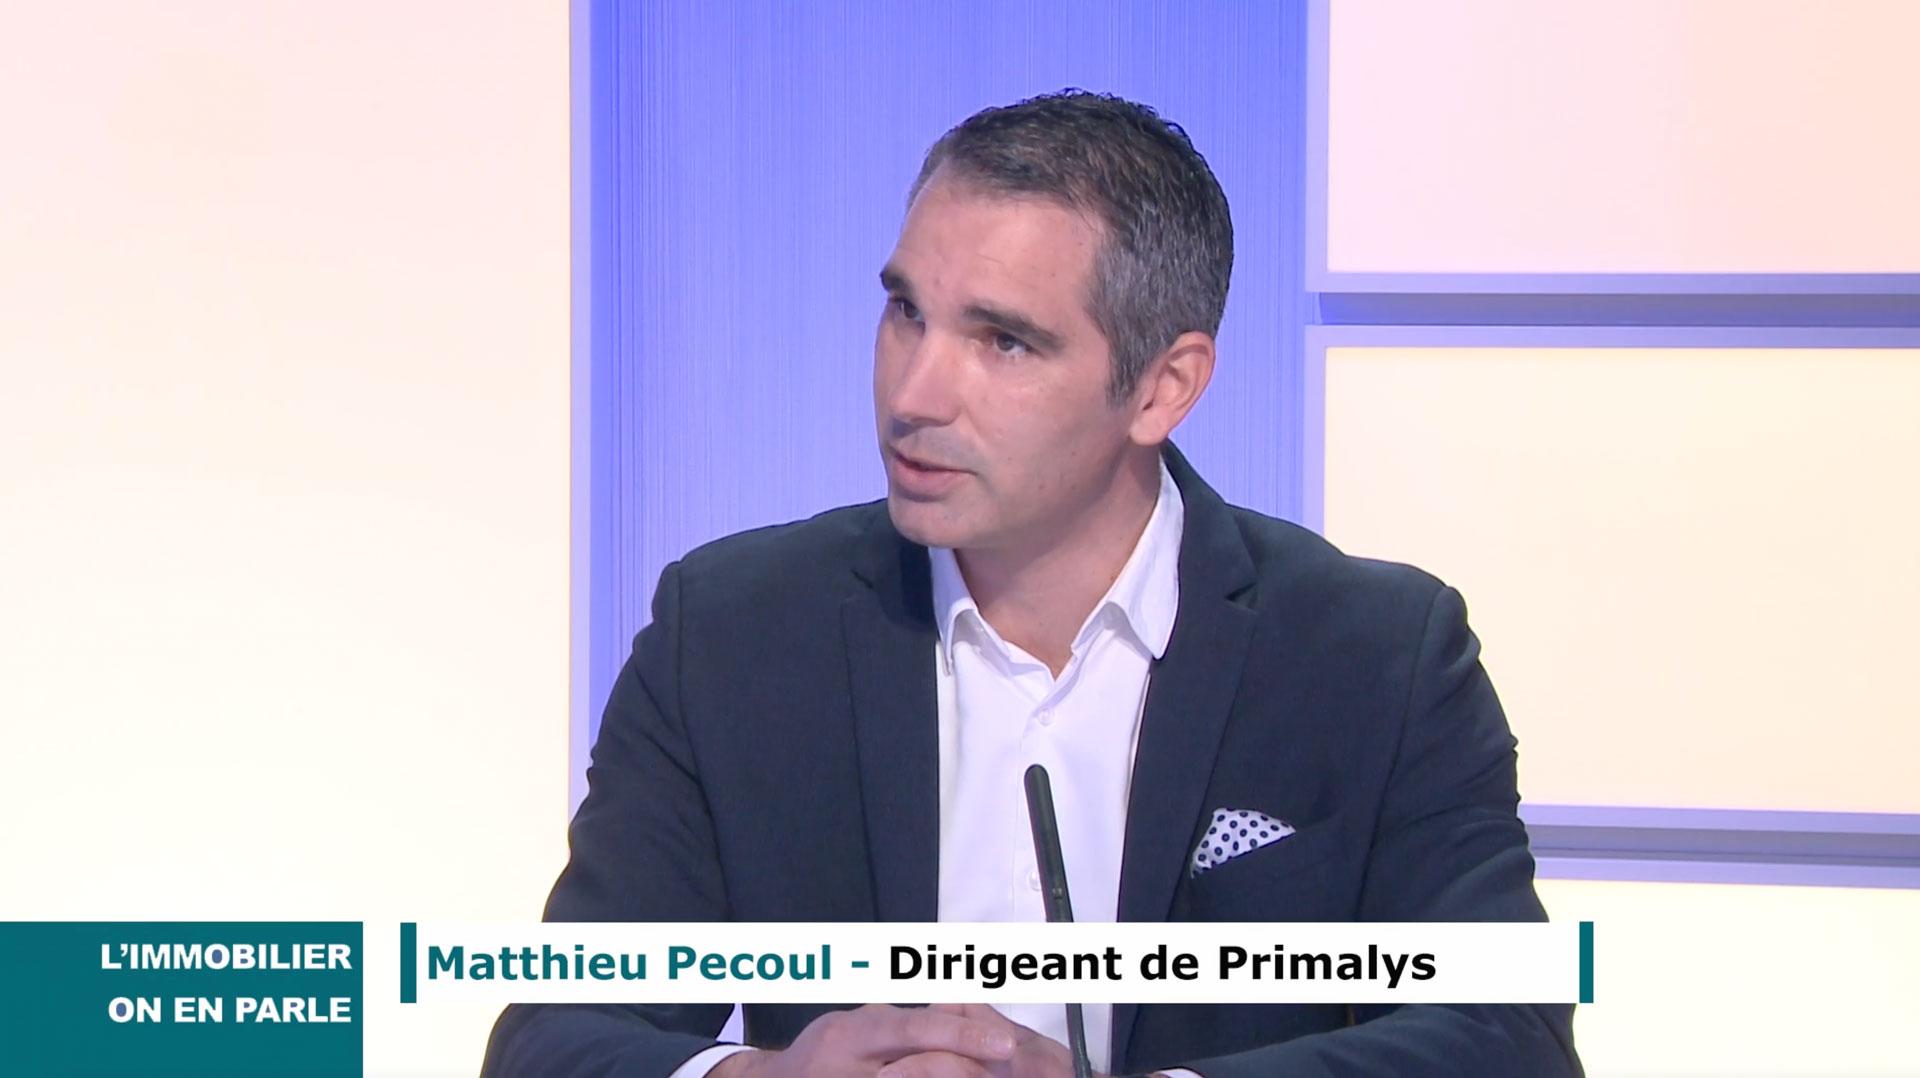 Matthieu Pecoul, dirigeant de Primalys, promoteur immobilier régional